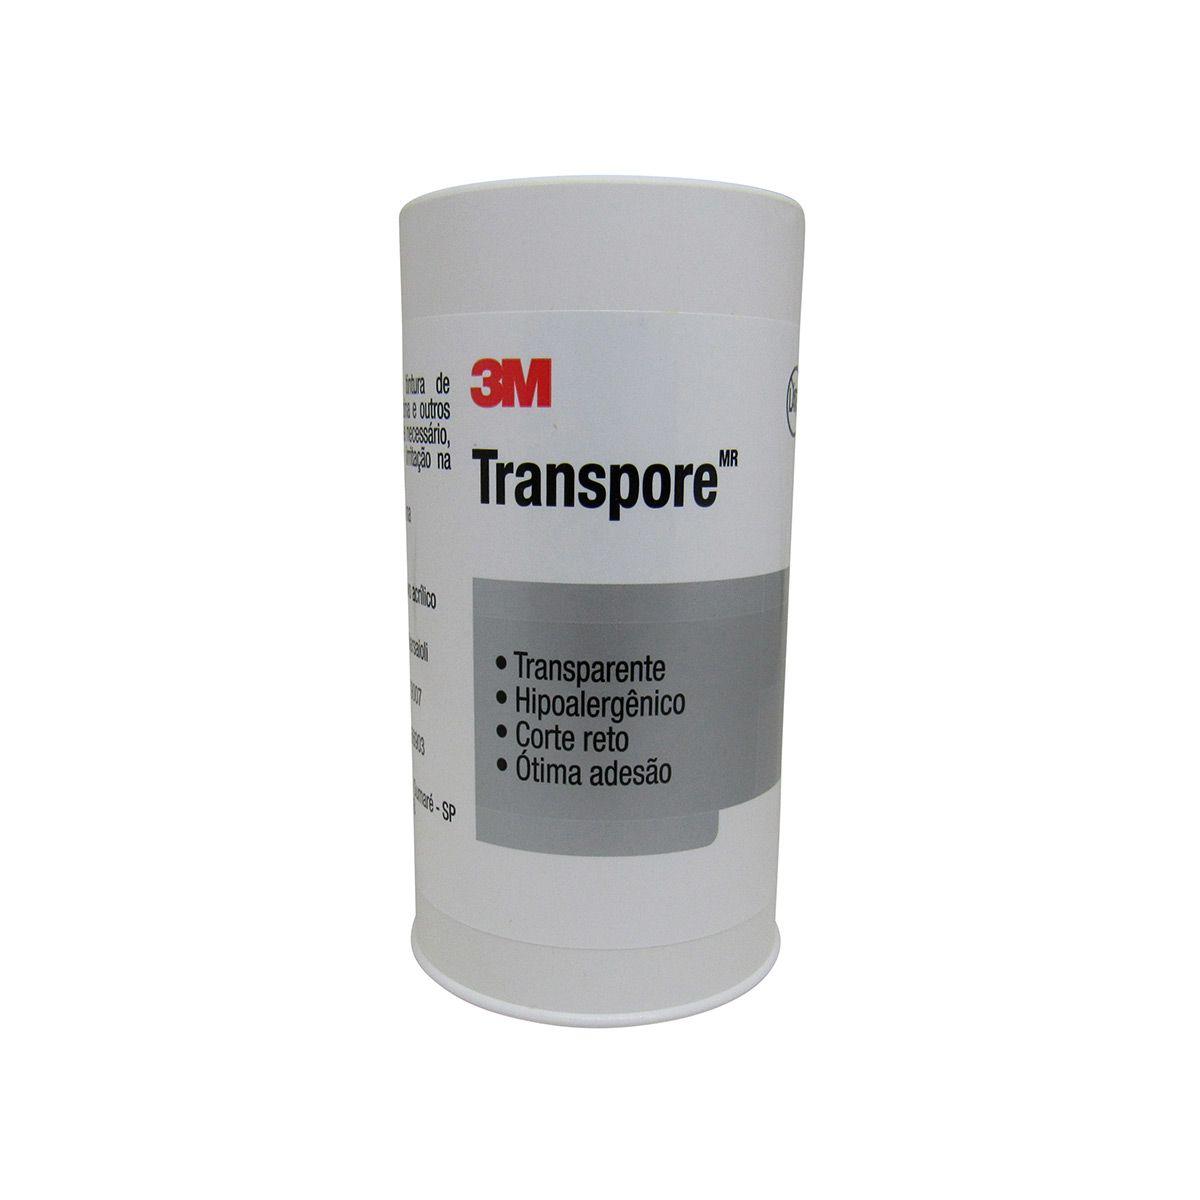 Esparadrapo 10cmx4,5m Transpore com capa 3M